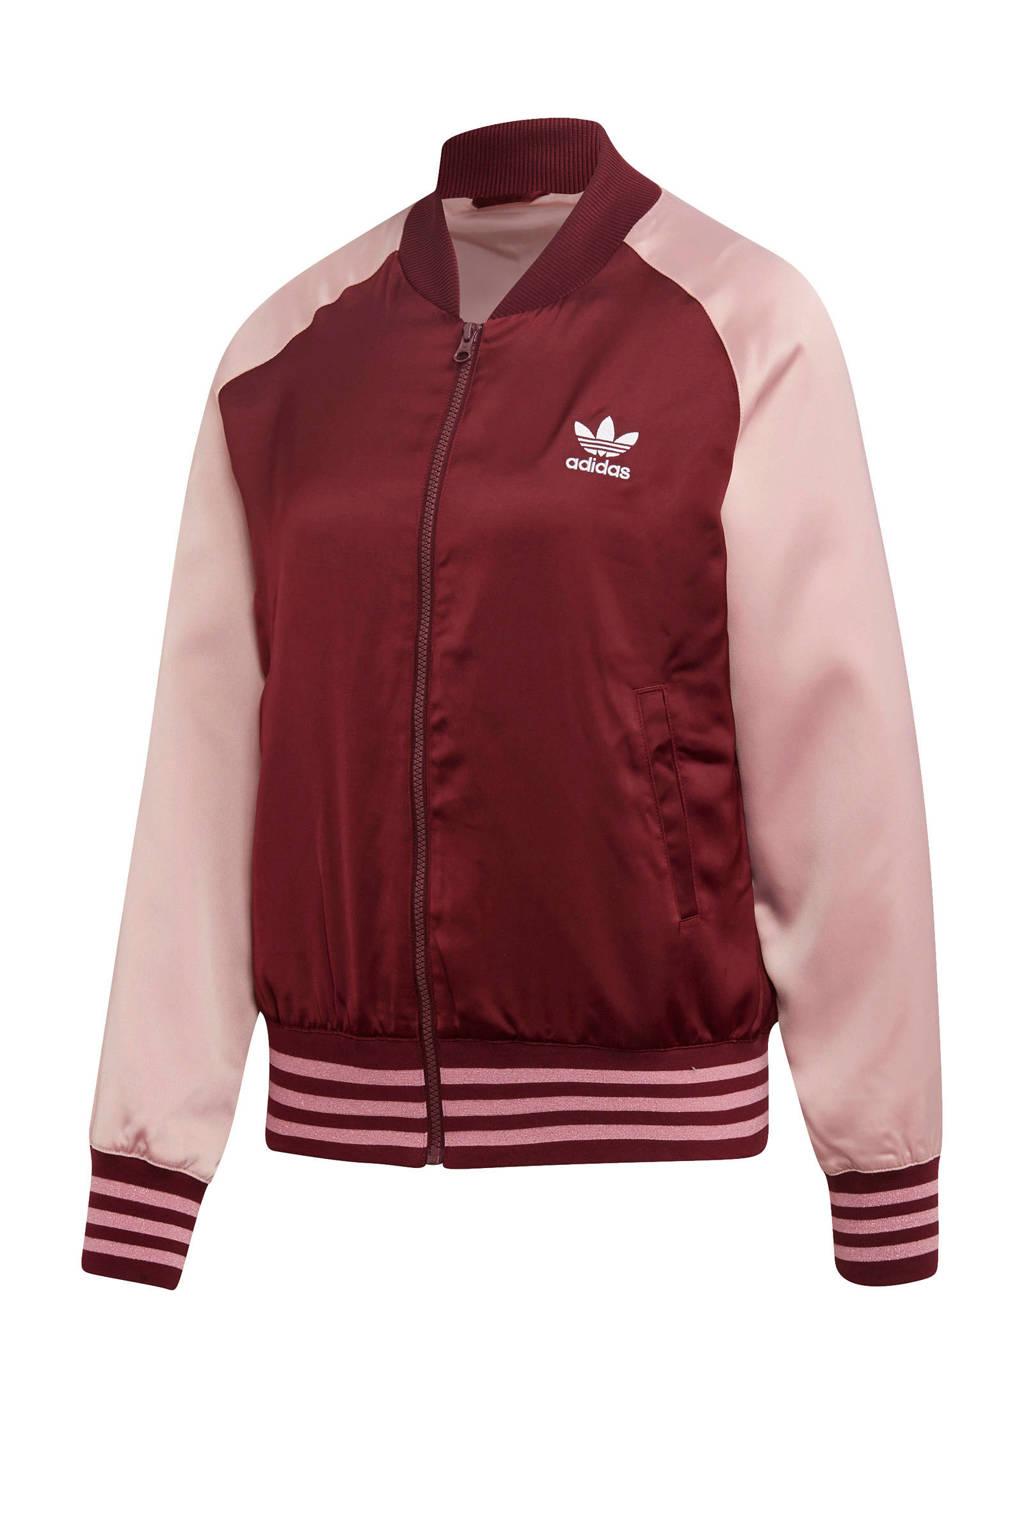 adidas originals vest donkerrood/roze, Donkerrood/roze